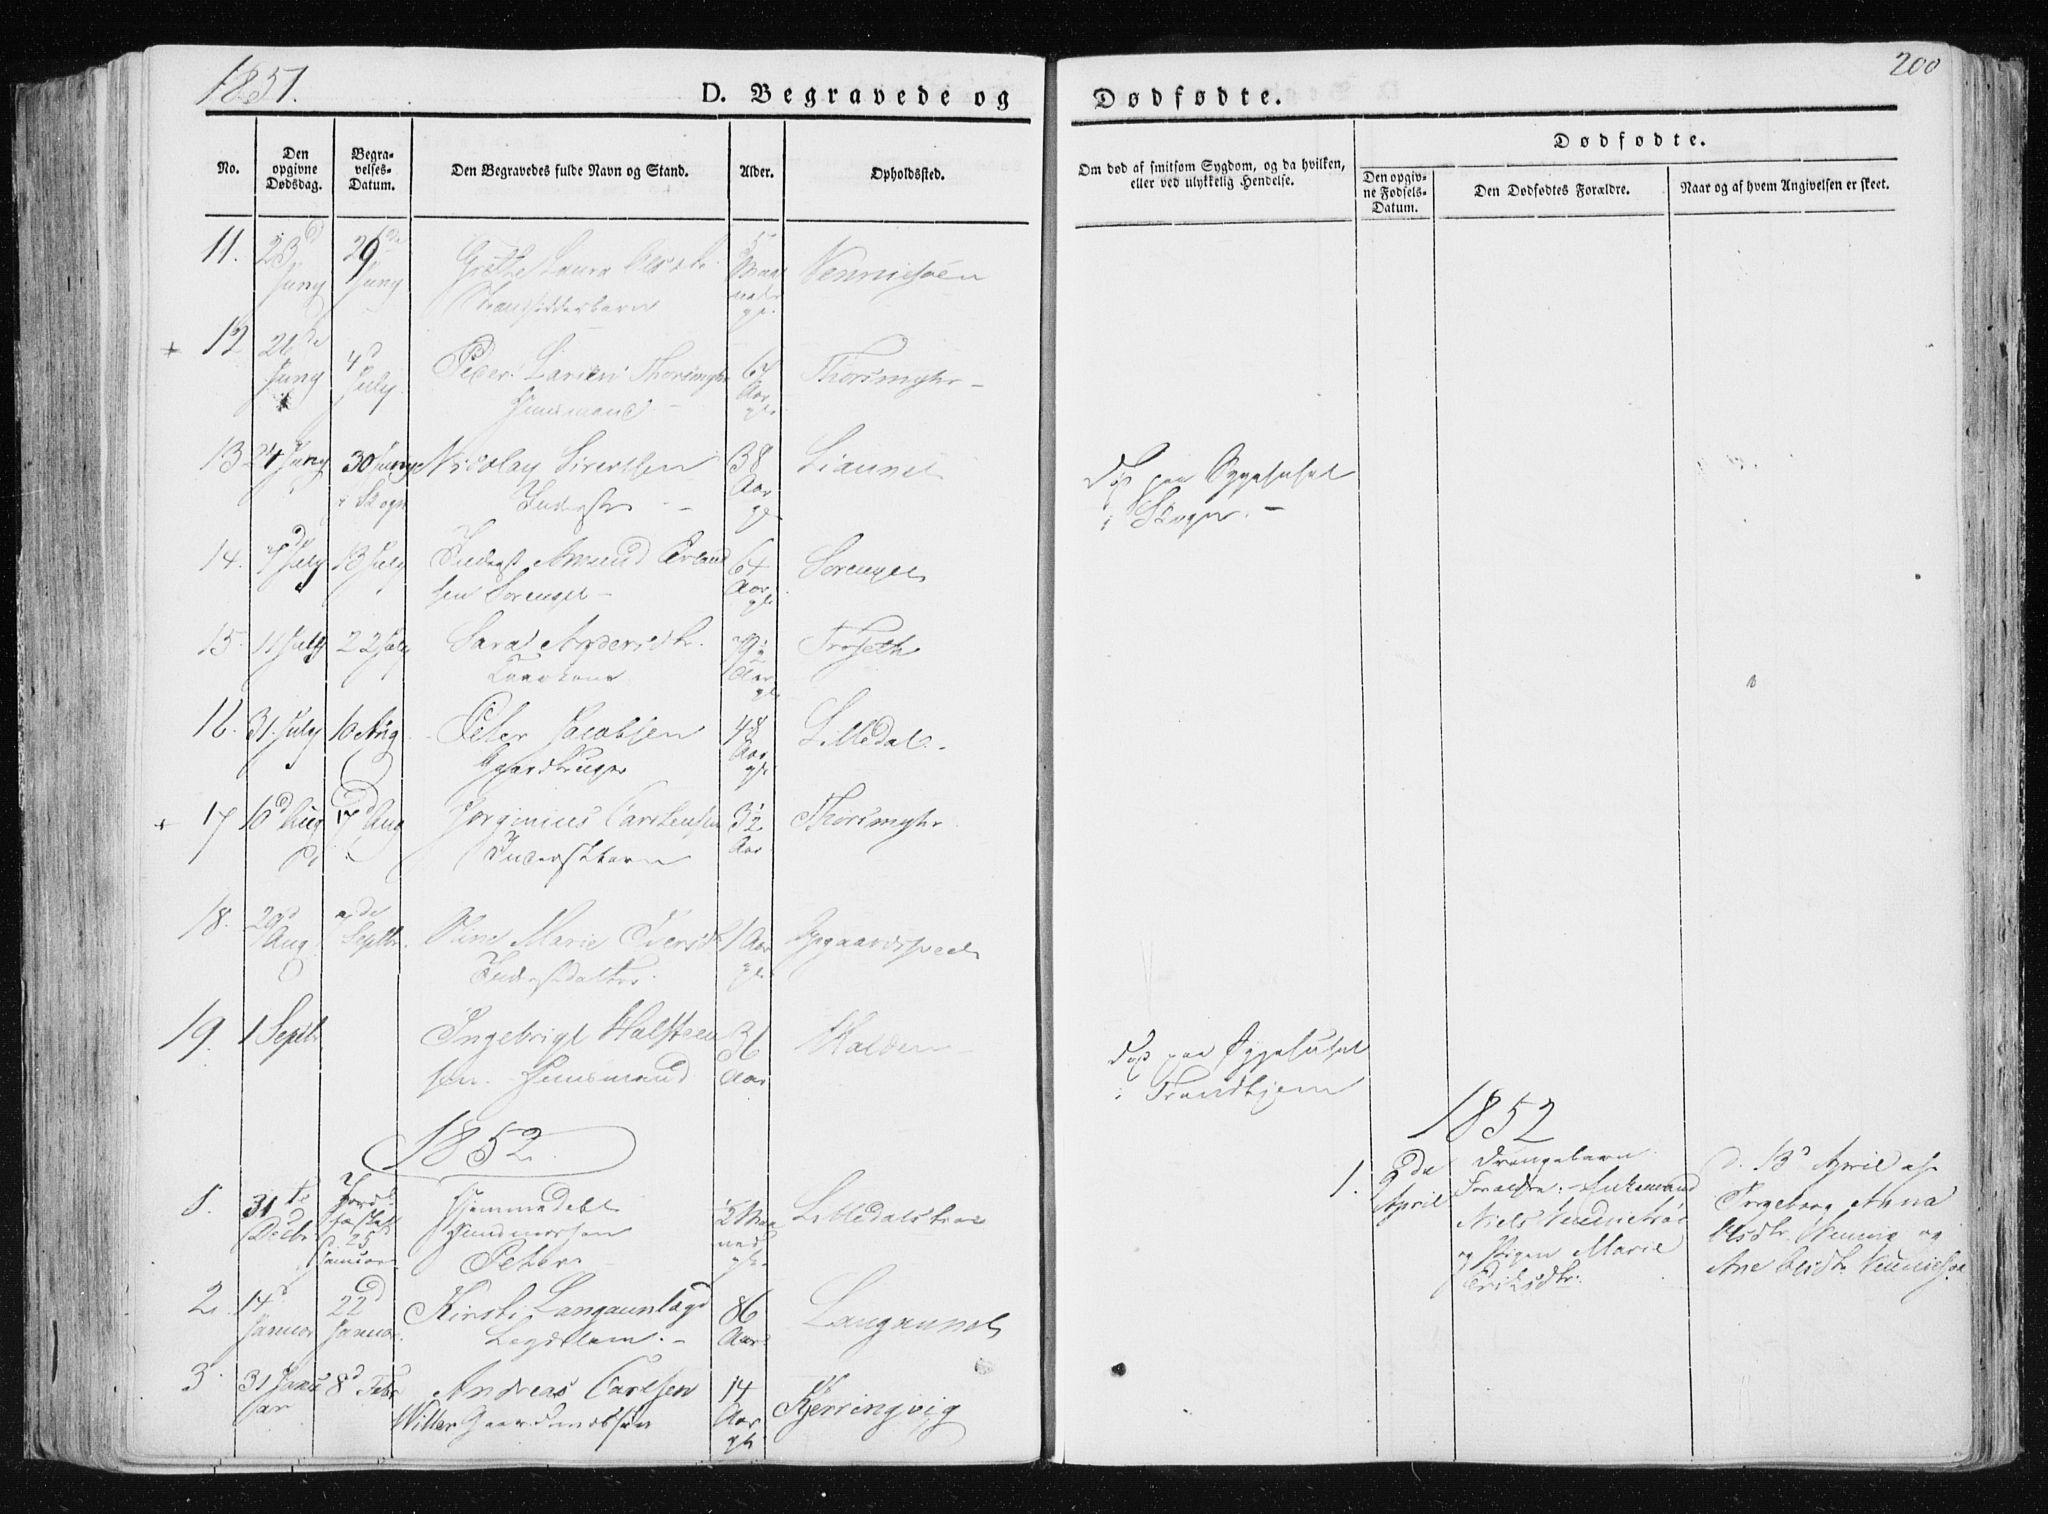 SAT, Ministerialprotokoller, klokkerbøker og fødselsregistre - Nord-Trøndelag, 733/L0323: Ministerialbok nr. 733A02, 1843-1870, s. 200